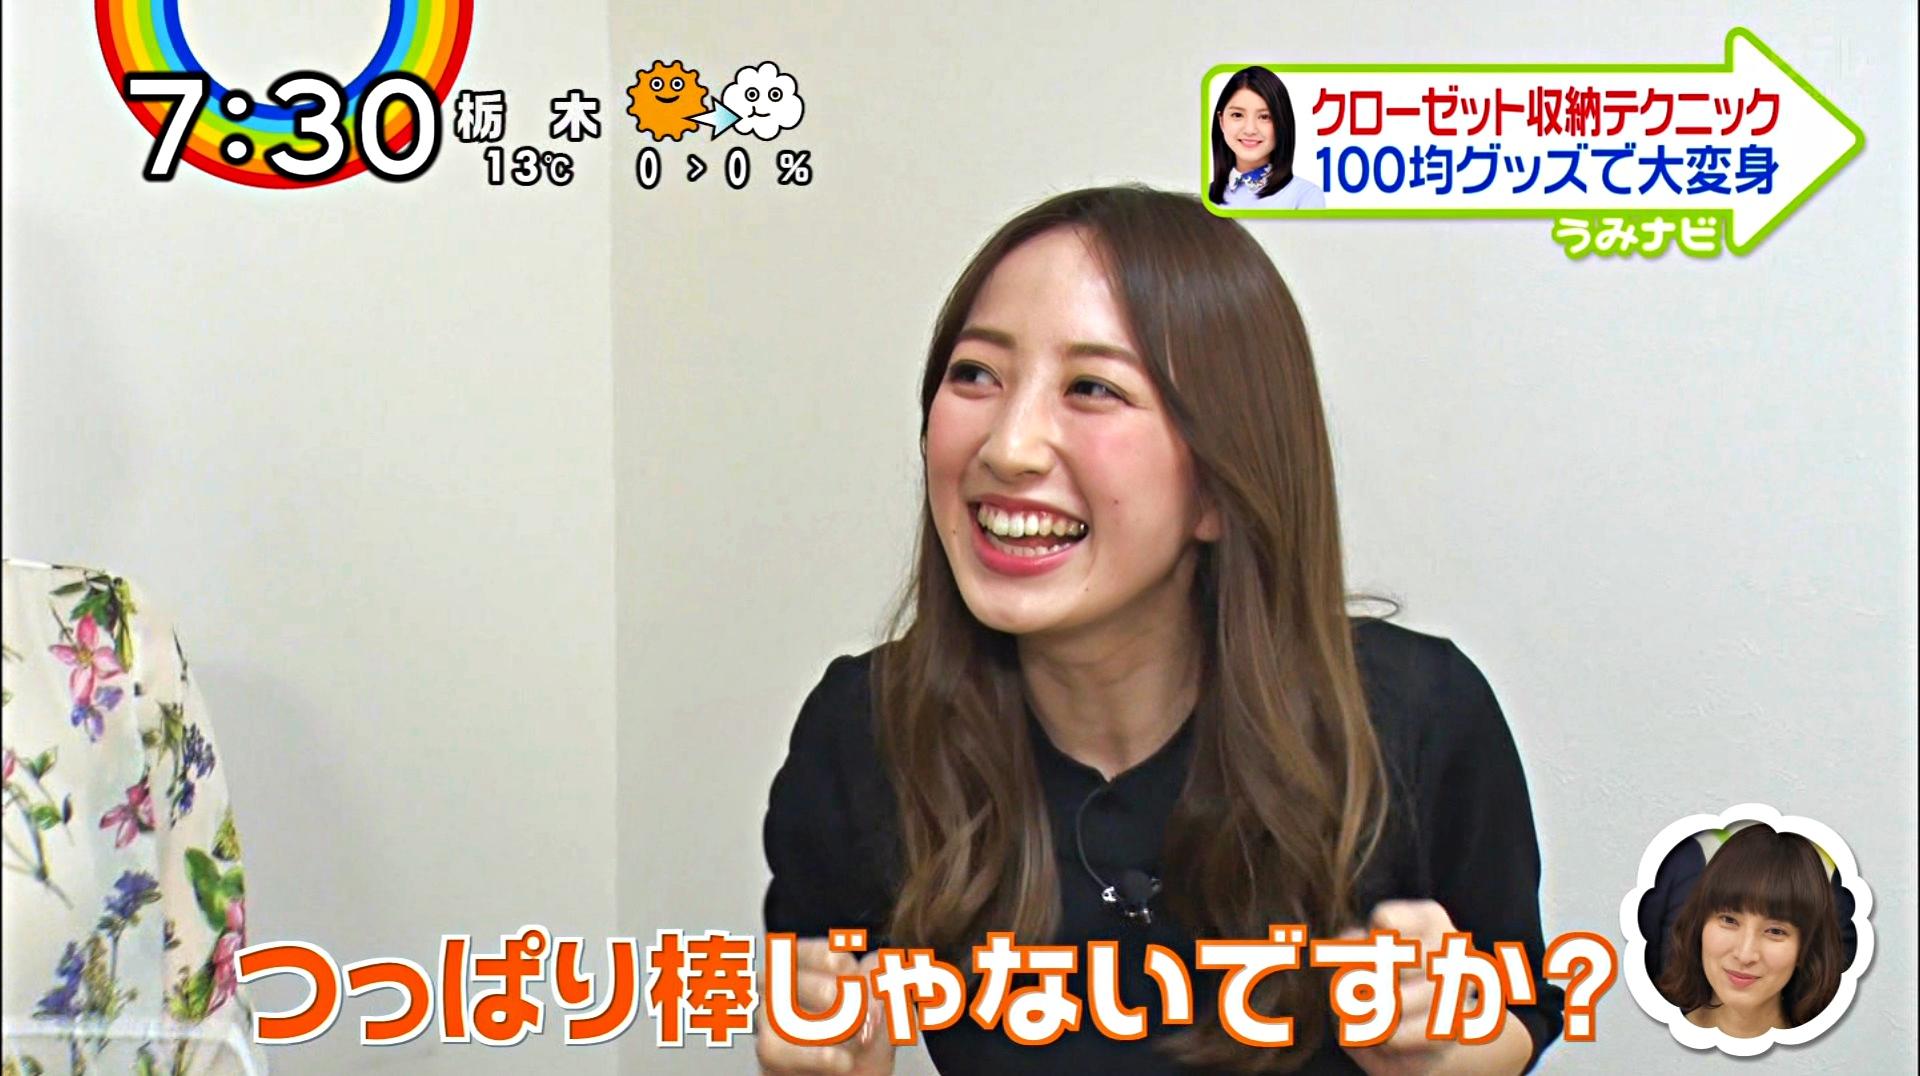 2019年3月15日のZIP!・團遥香さんのテレビキャプチャー画像-018